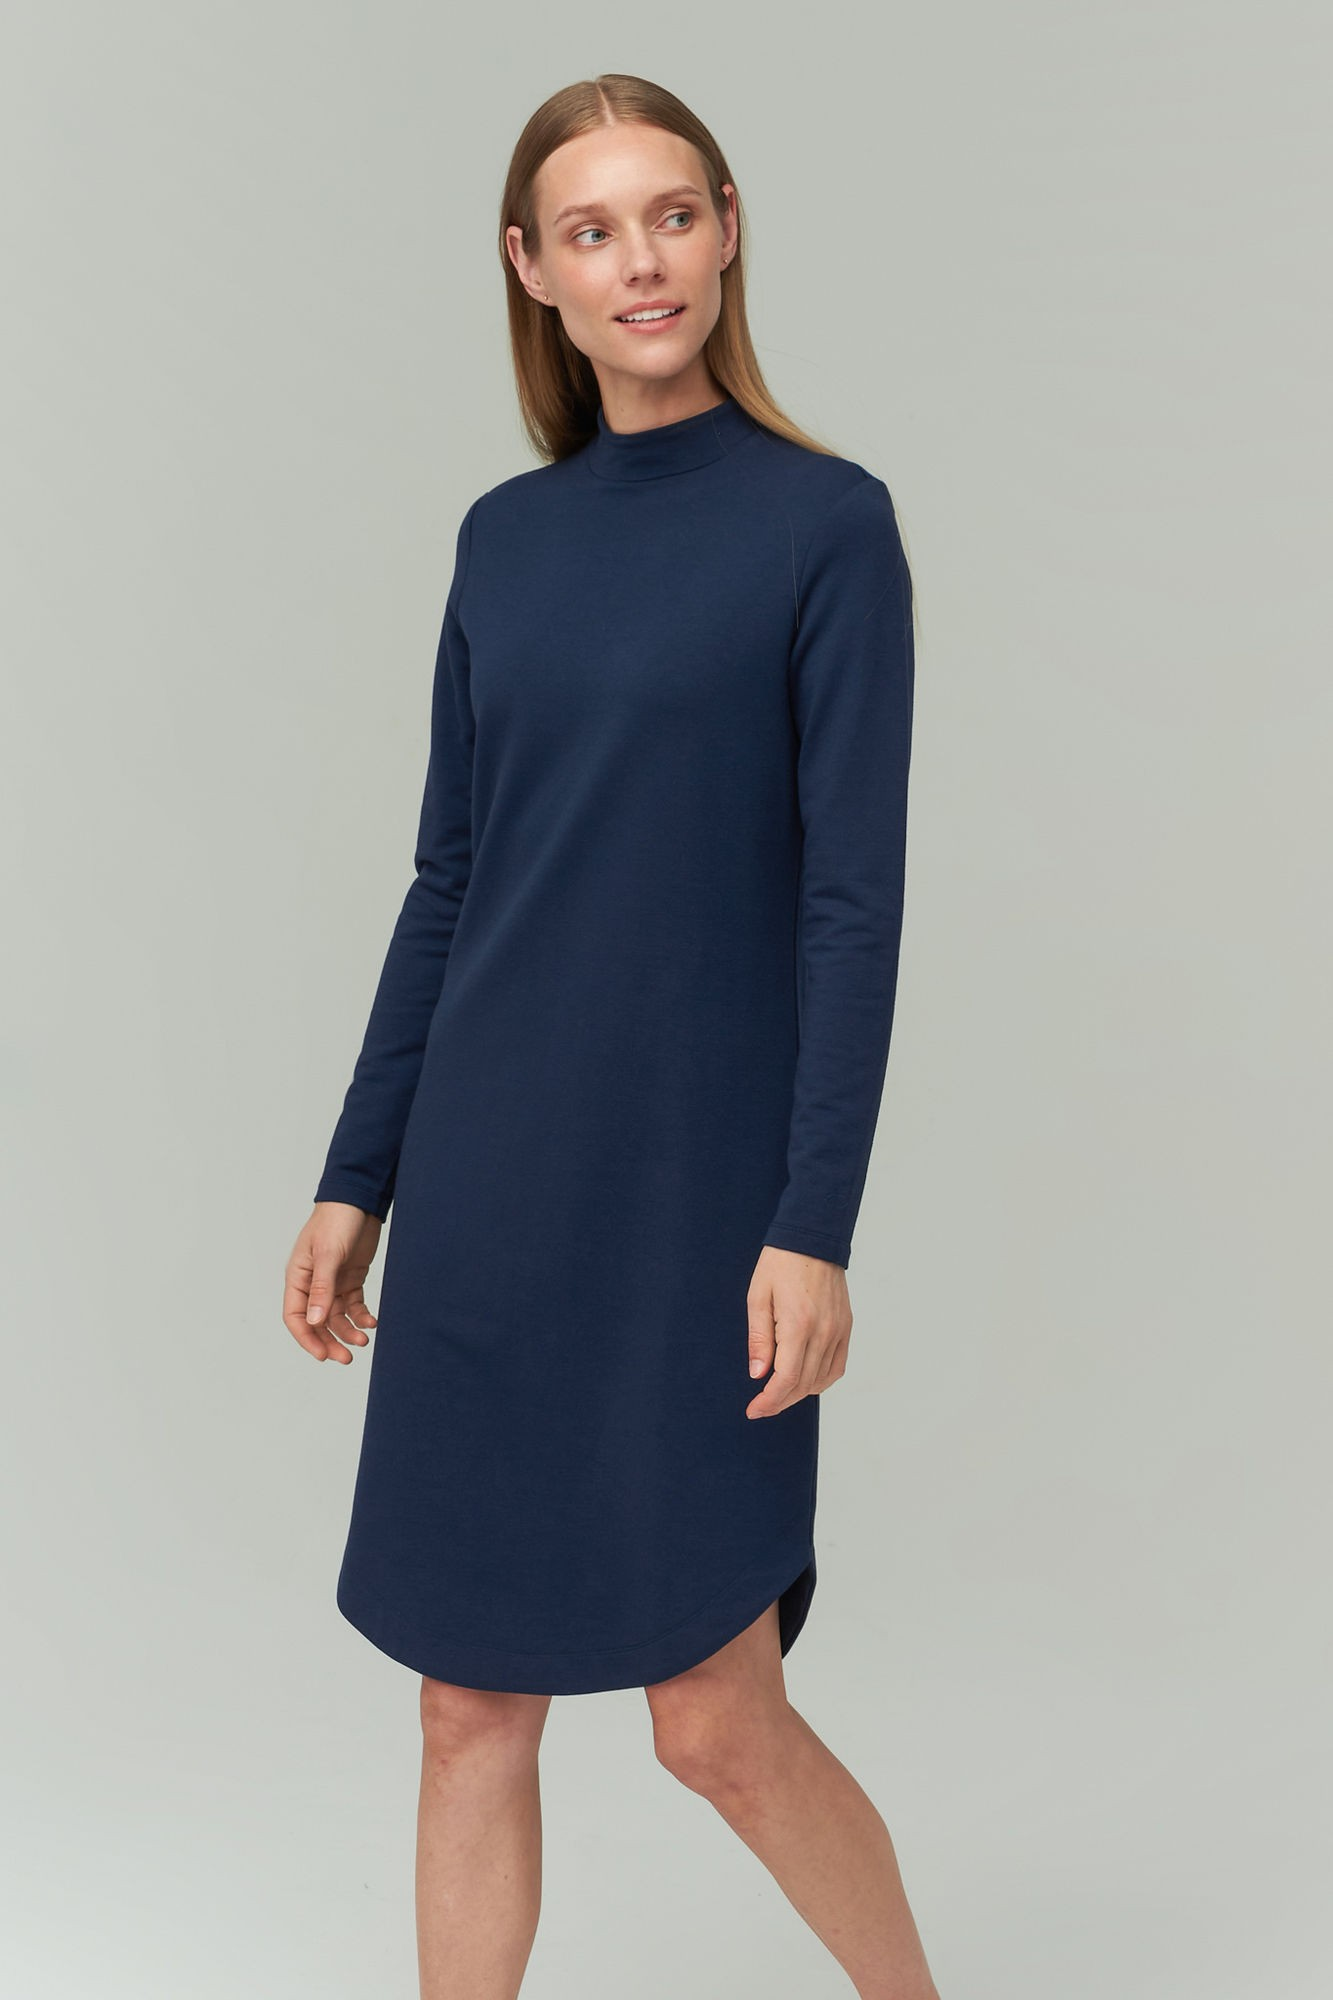 AUDIMAS Švelnaus modalo suknelė 2021-070 Navy Blazer L